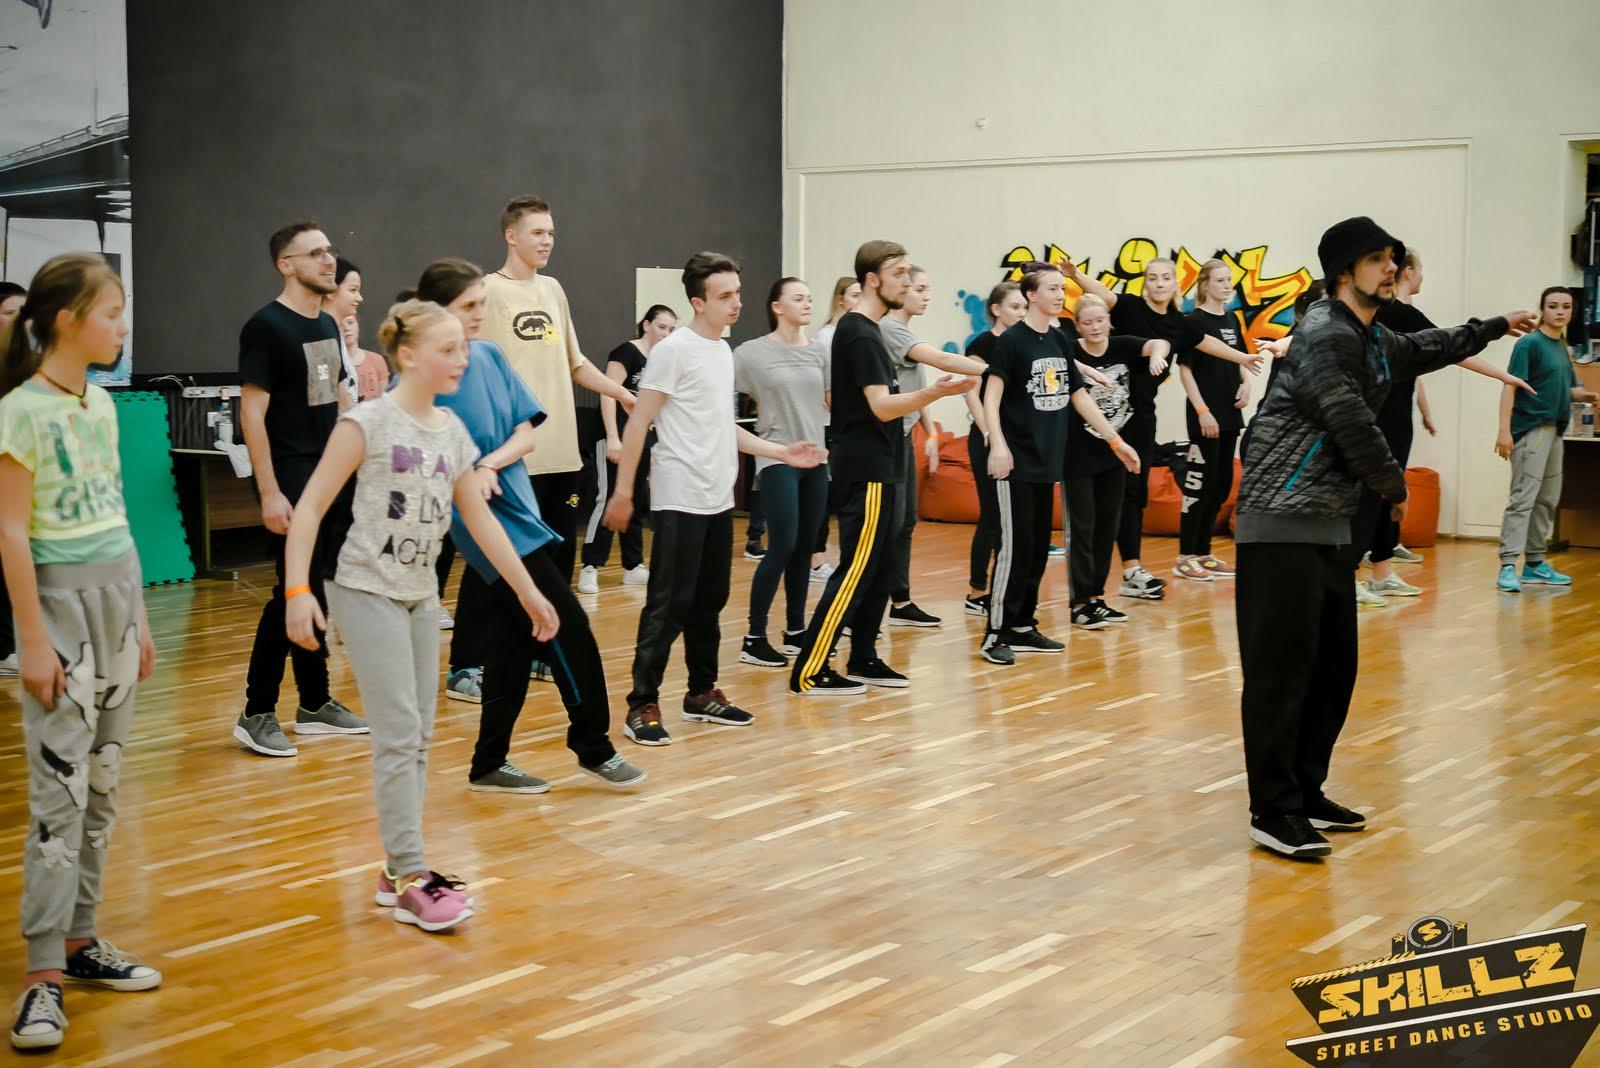 Hip hop seminaras su Jeka iš Maskvos - _1050184.jpg